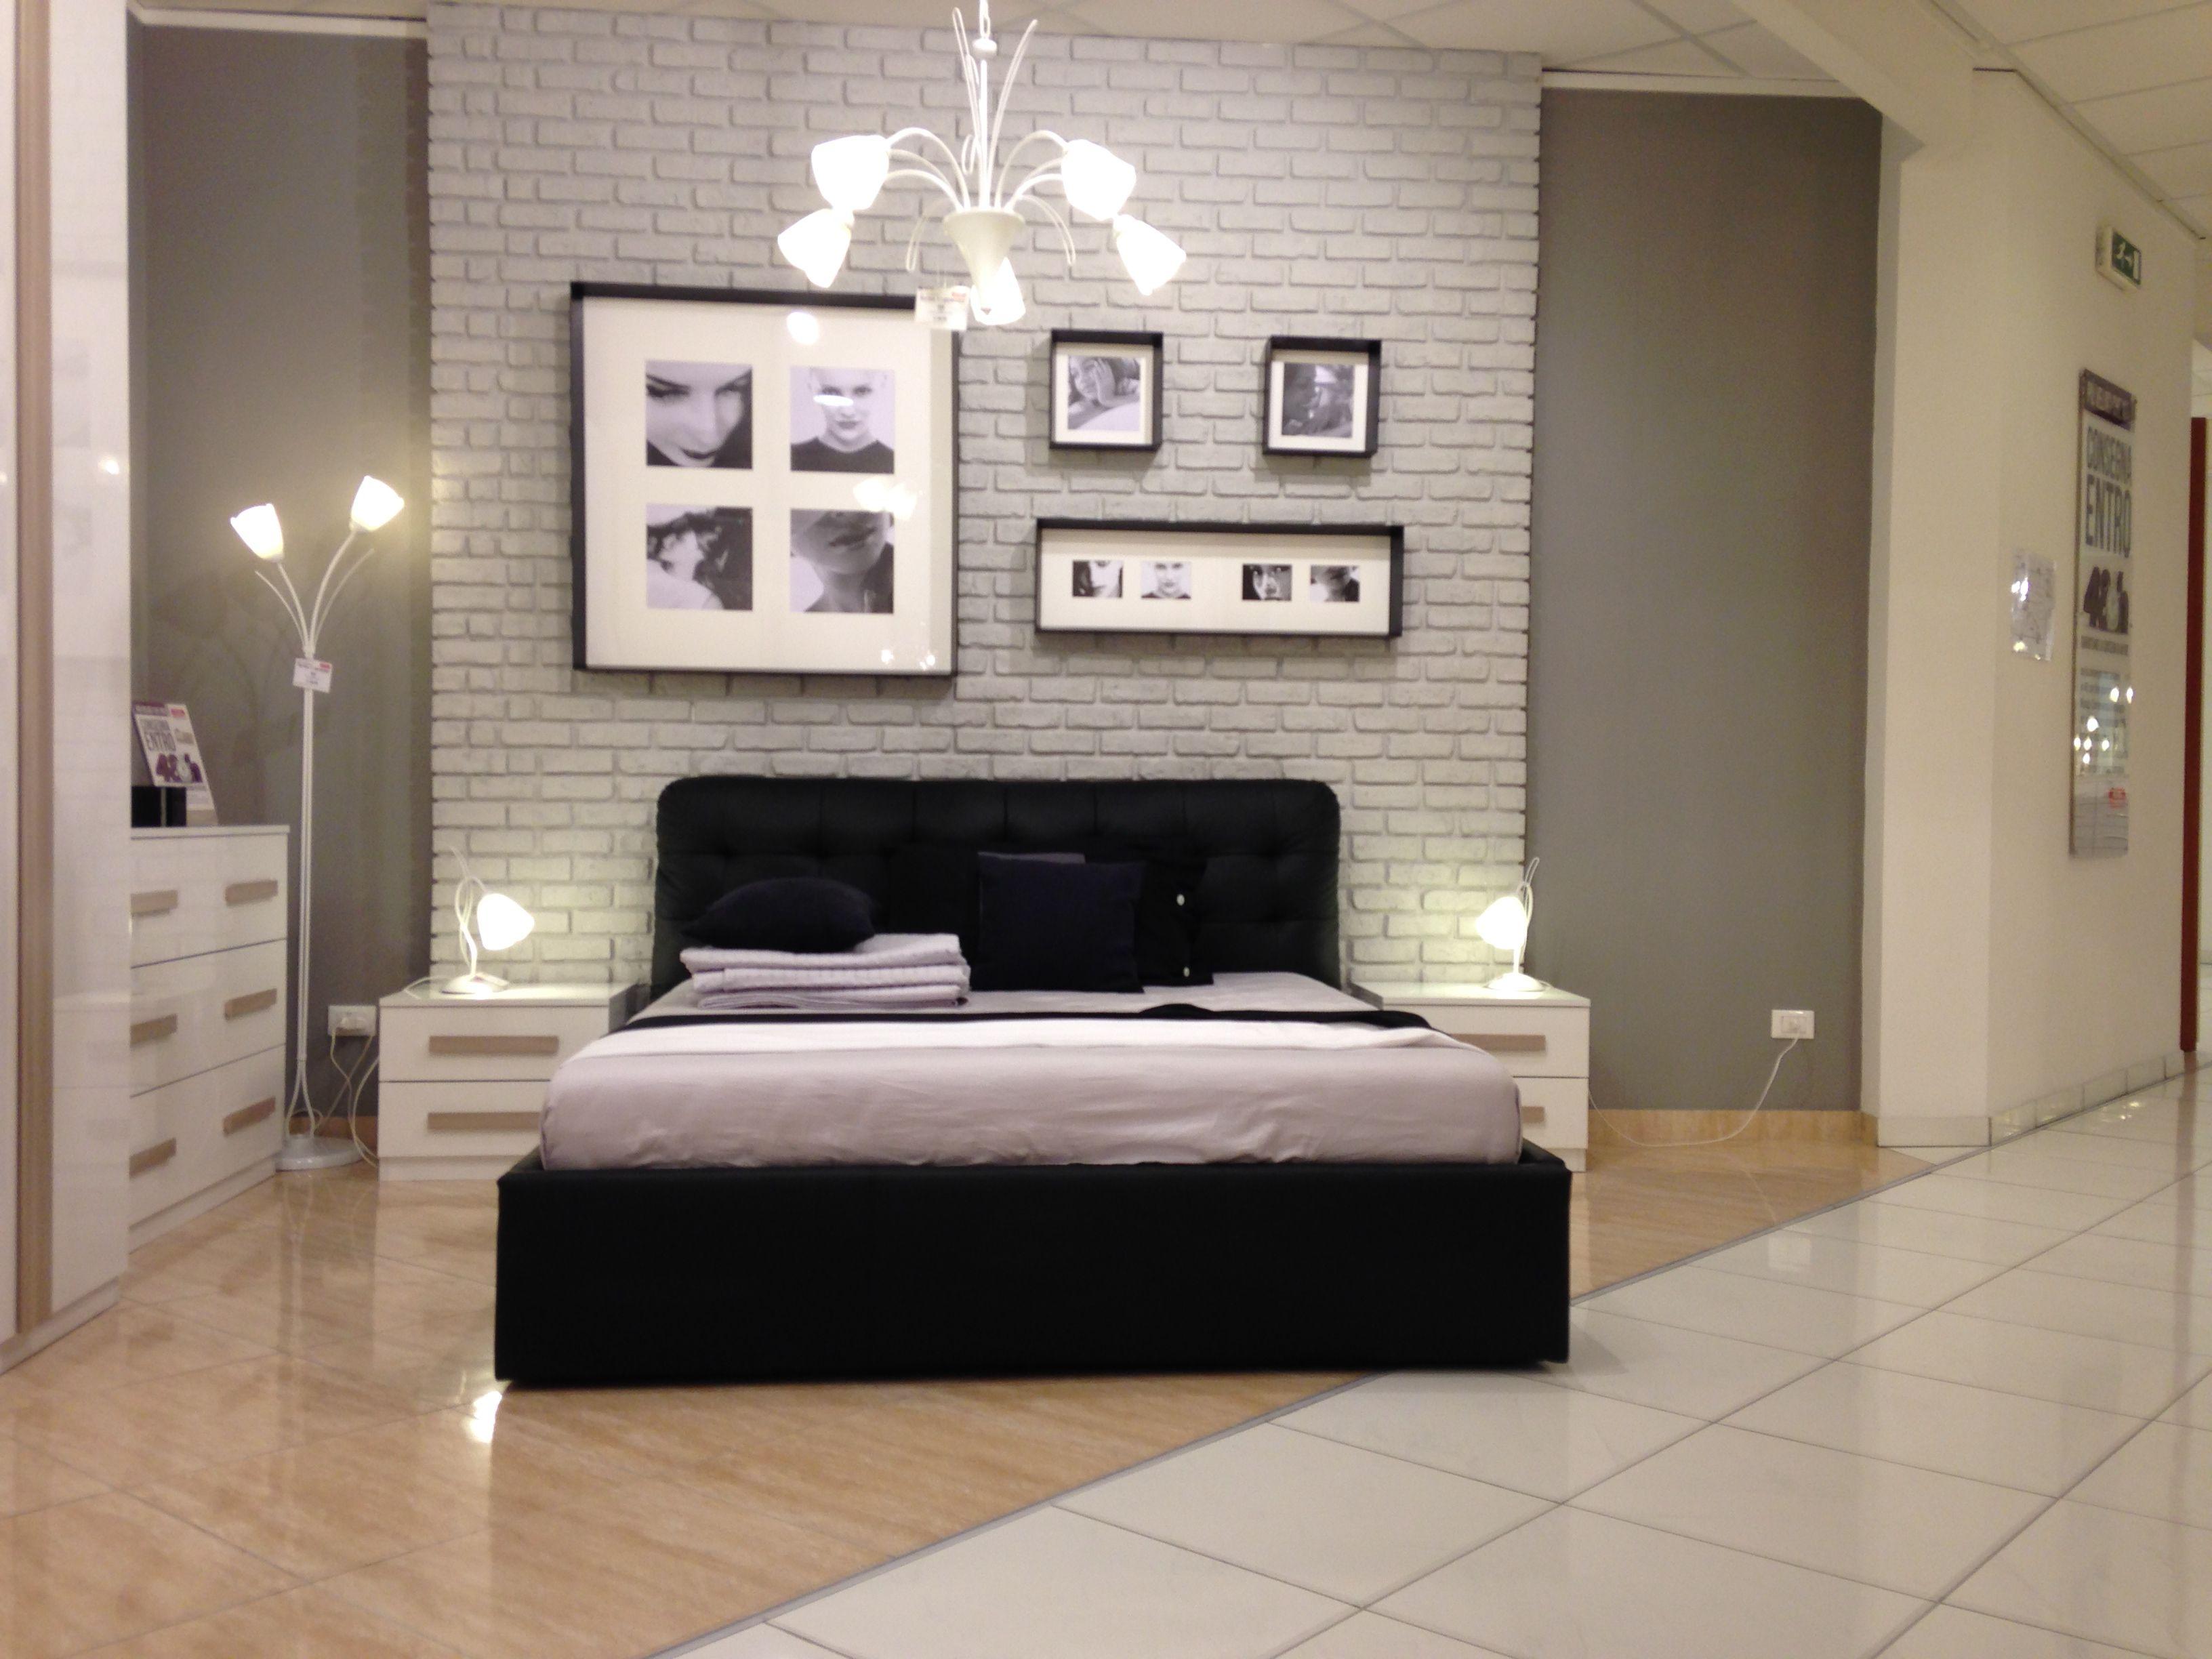 Mondo convenienza - Arredamento, mobili e accessori per la casa ...